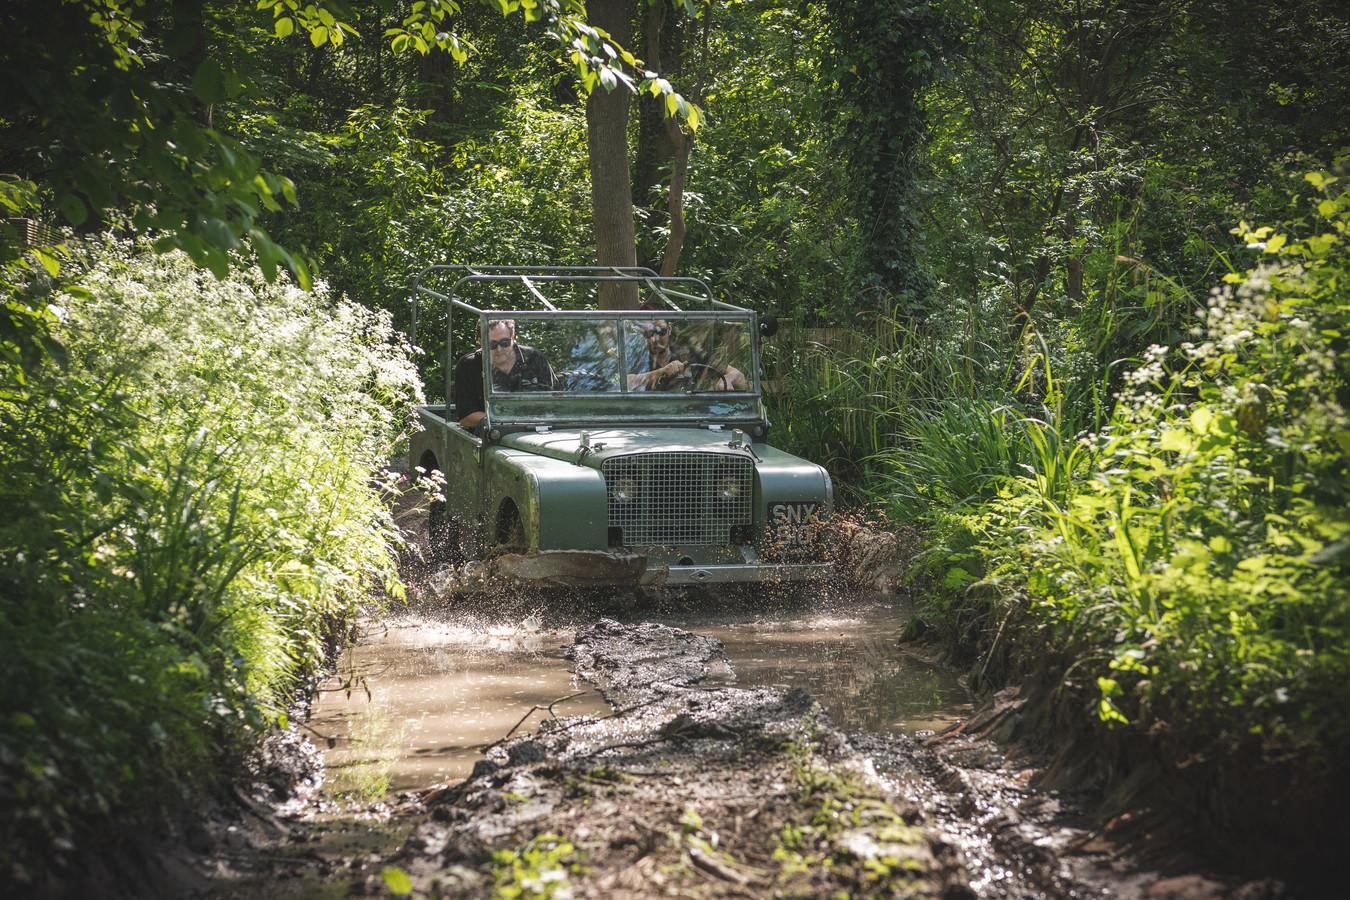 De Land Rover is technisch compleet nieuw en dus weer klaar voor nieuwe uitdagingen